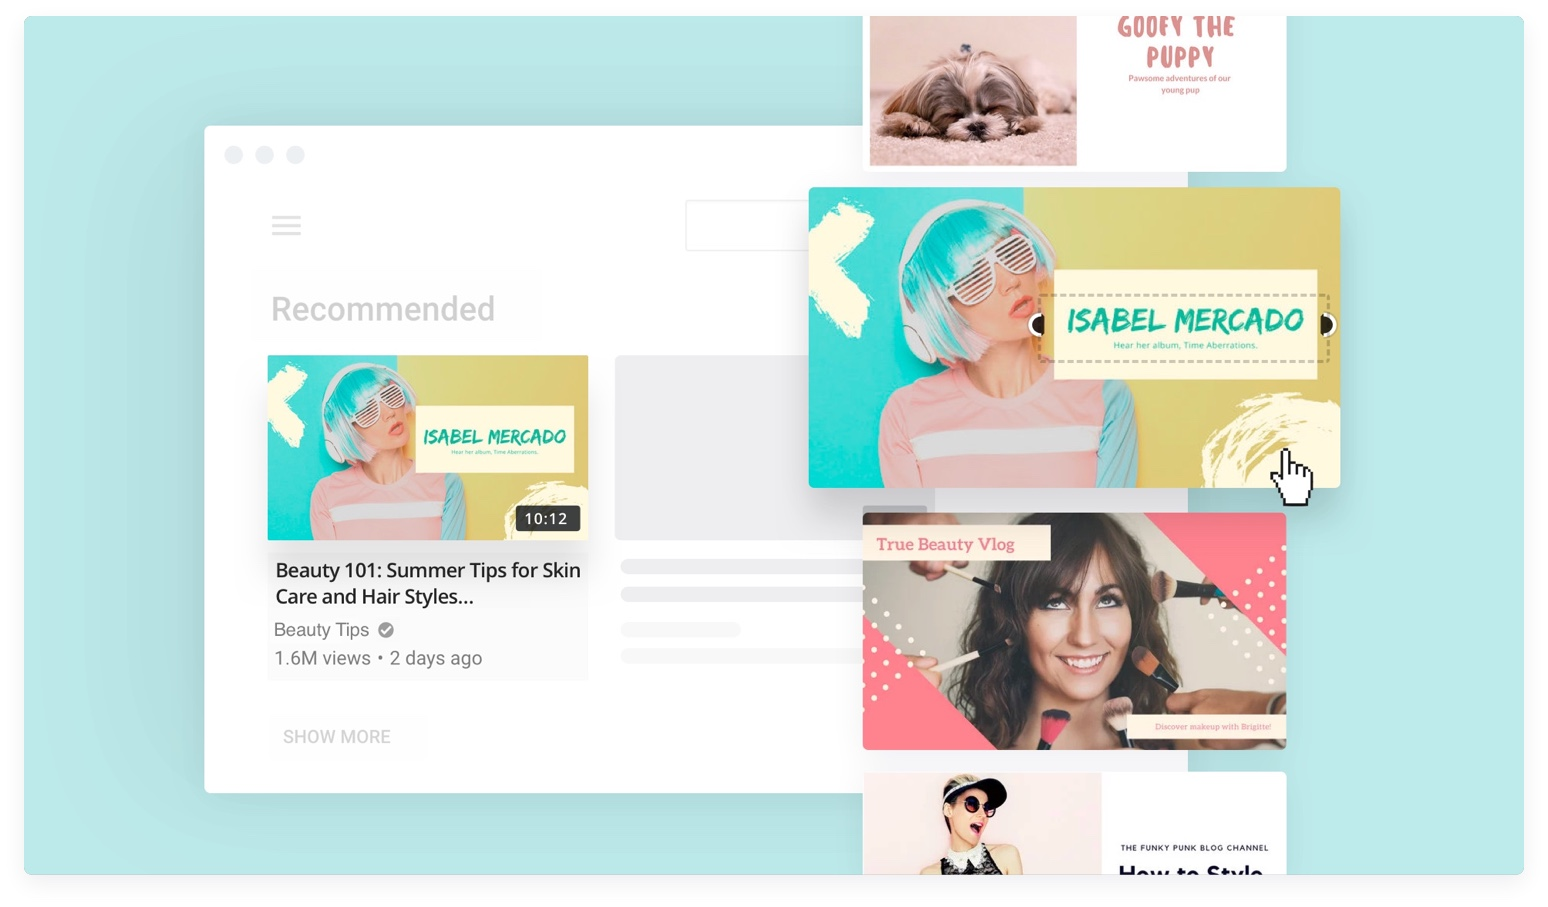 Thumbnail là gì? Định nghĩa thumbnail là gì?